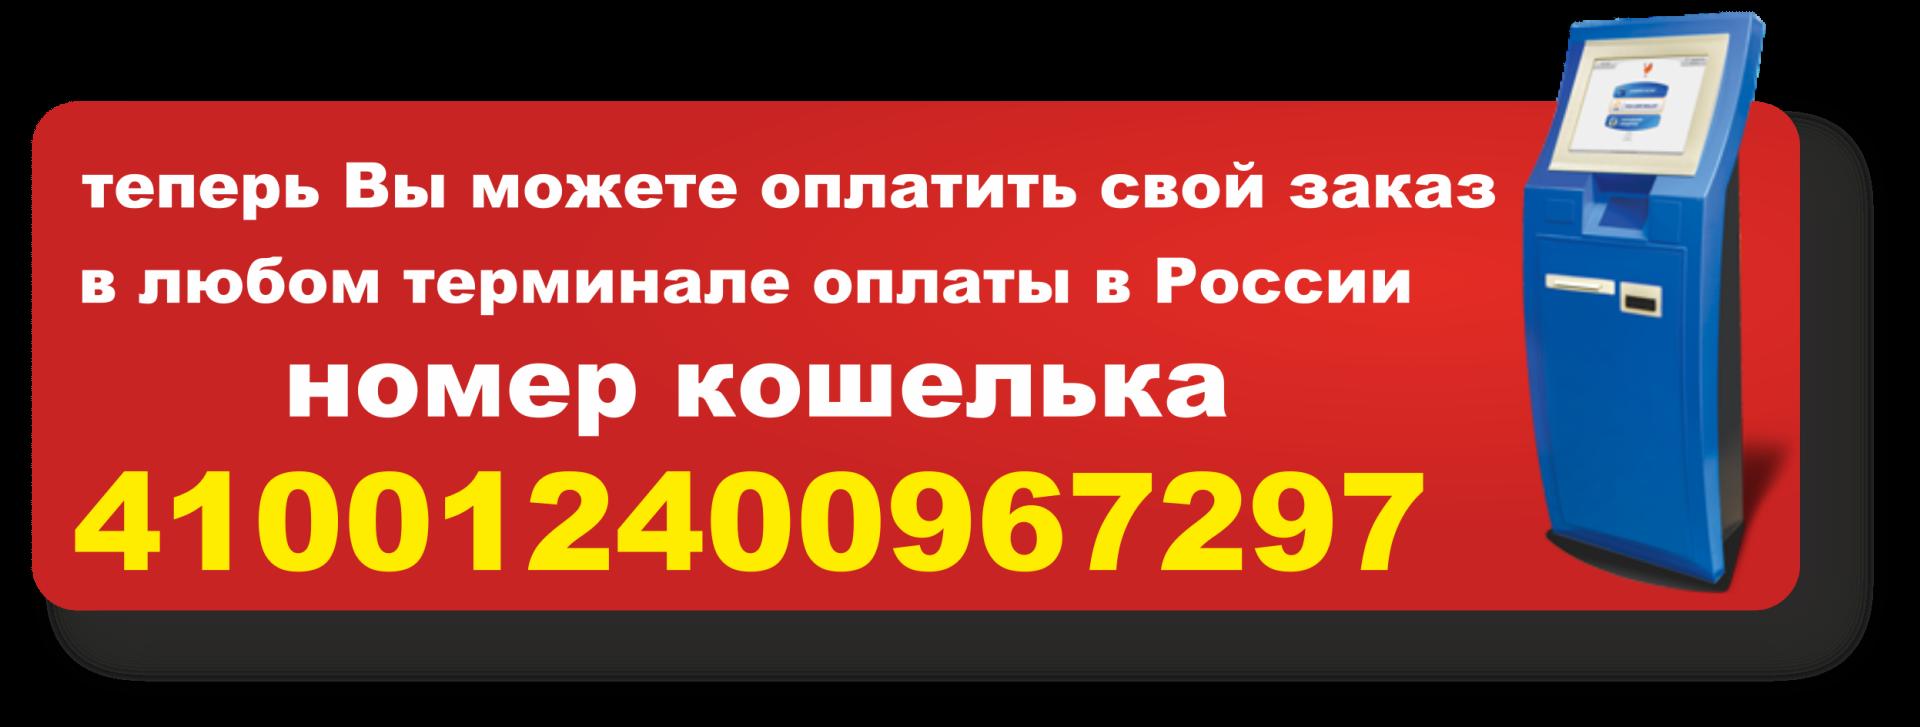 оплата через любой терминал в россии